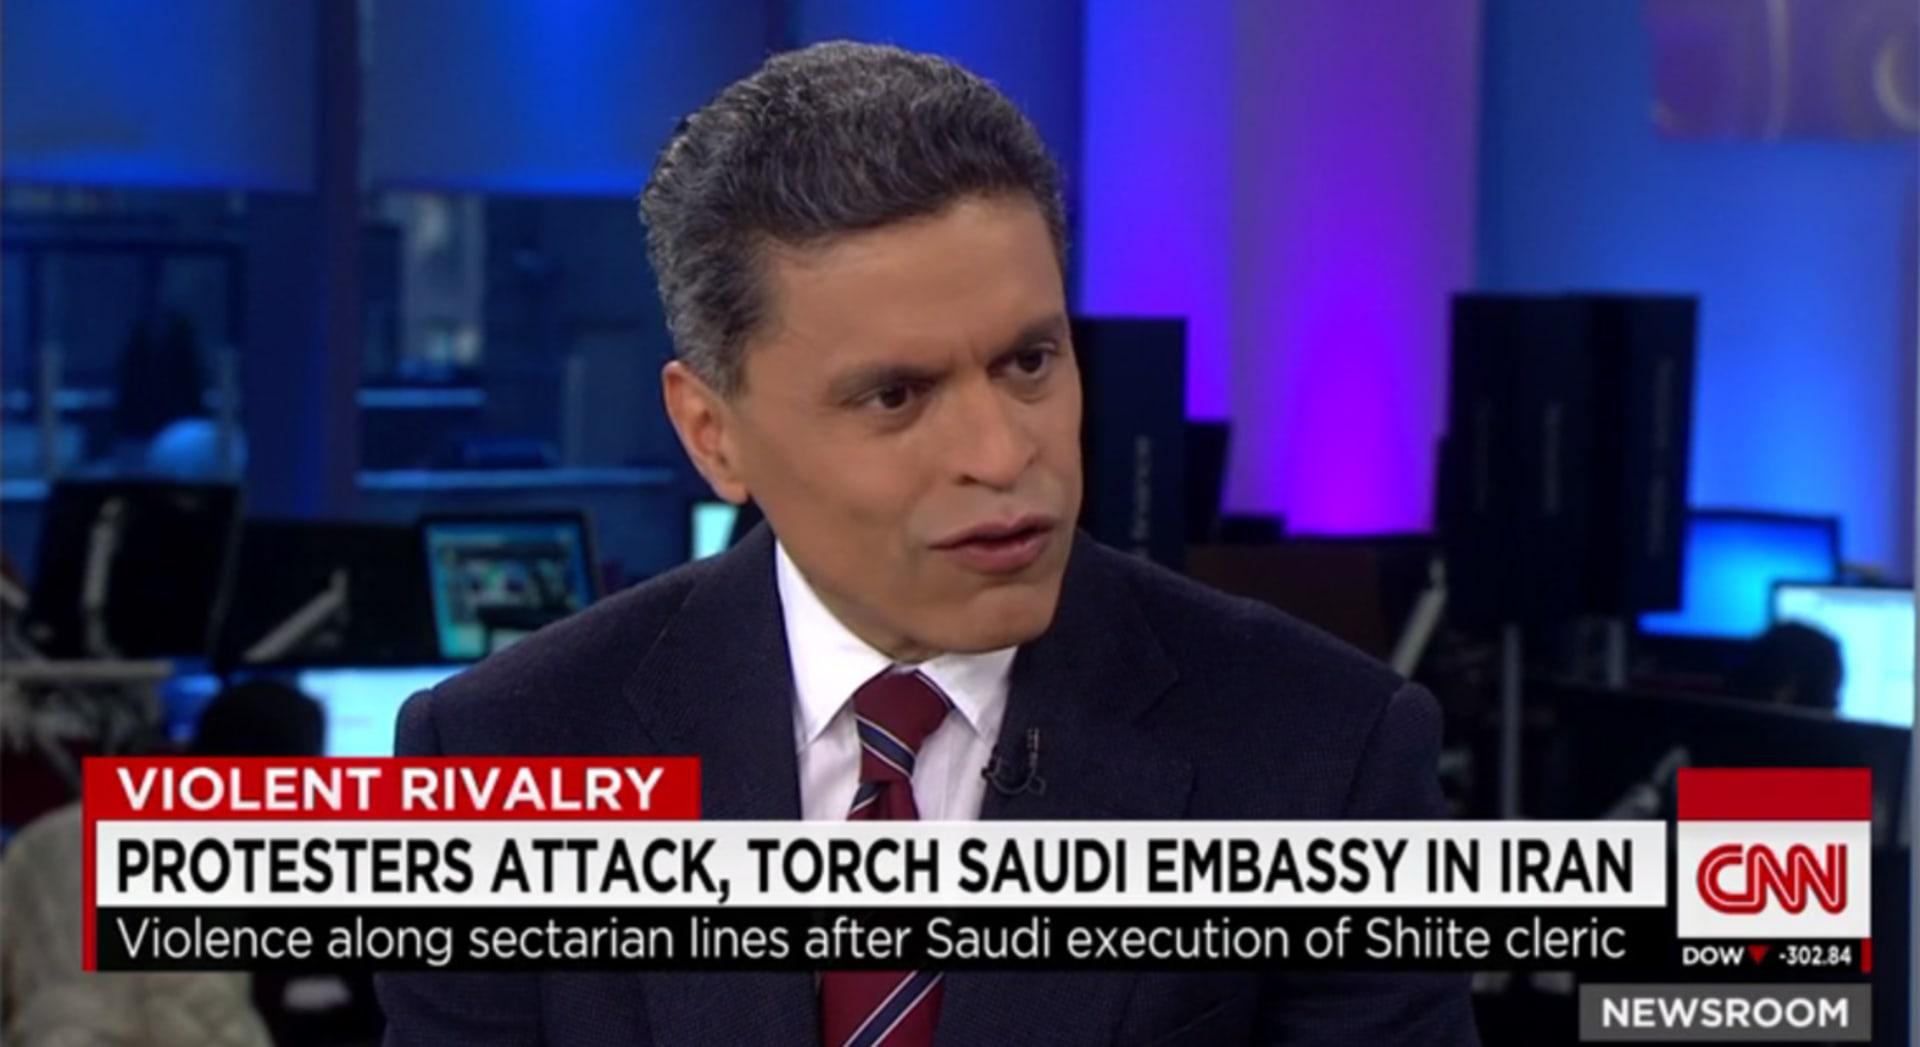 التوتر بين الرياض وطهران.. زكريا لـCNN: السنة يشكلون 85% من المسلمين.. وعلى أمريكا دعم السعودية بوجه إيران